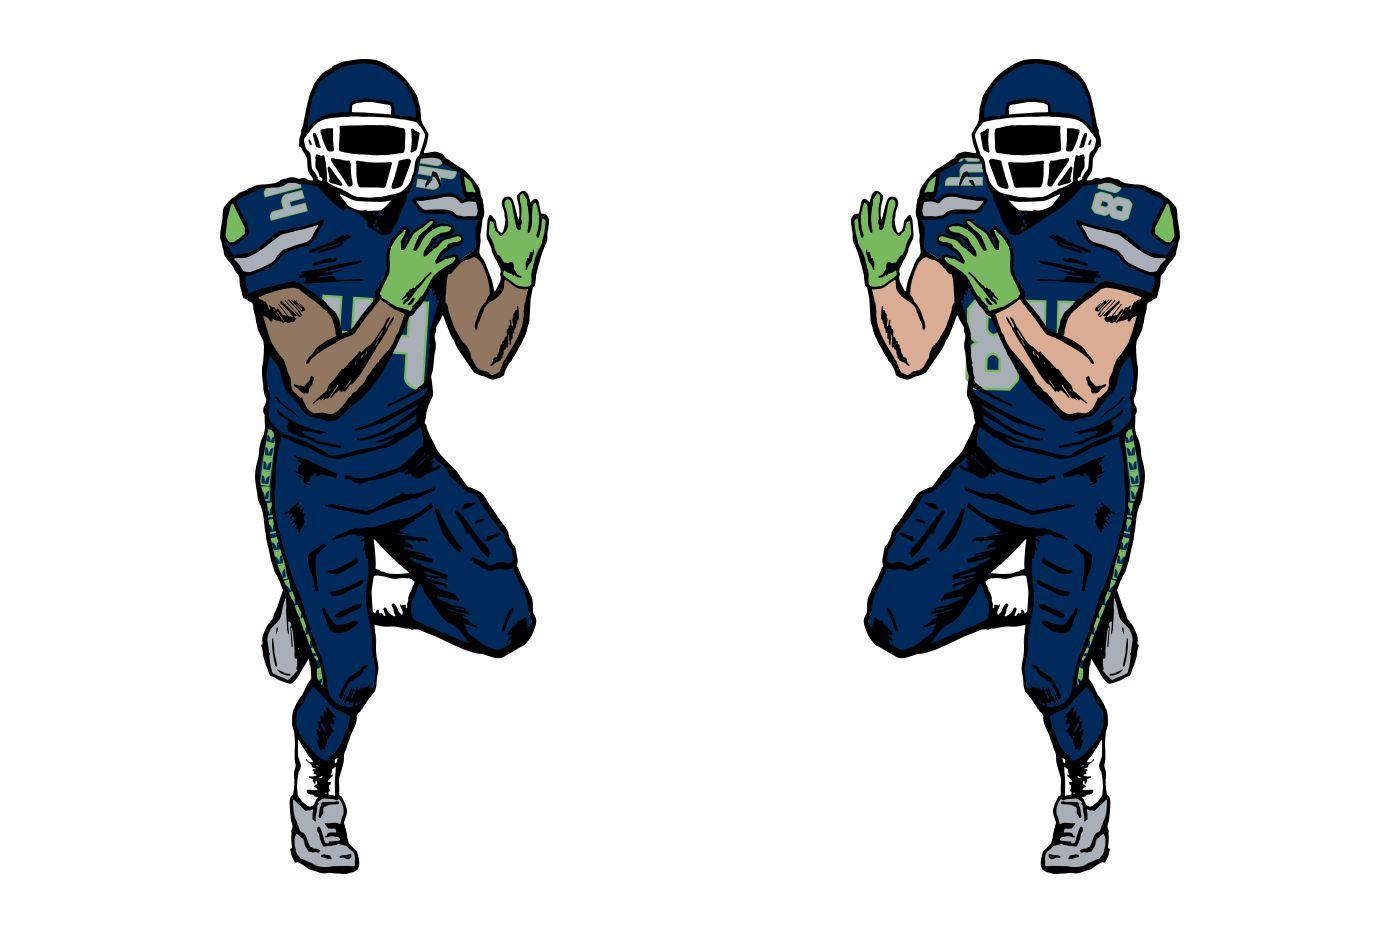 football player graphics